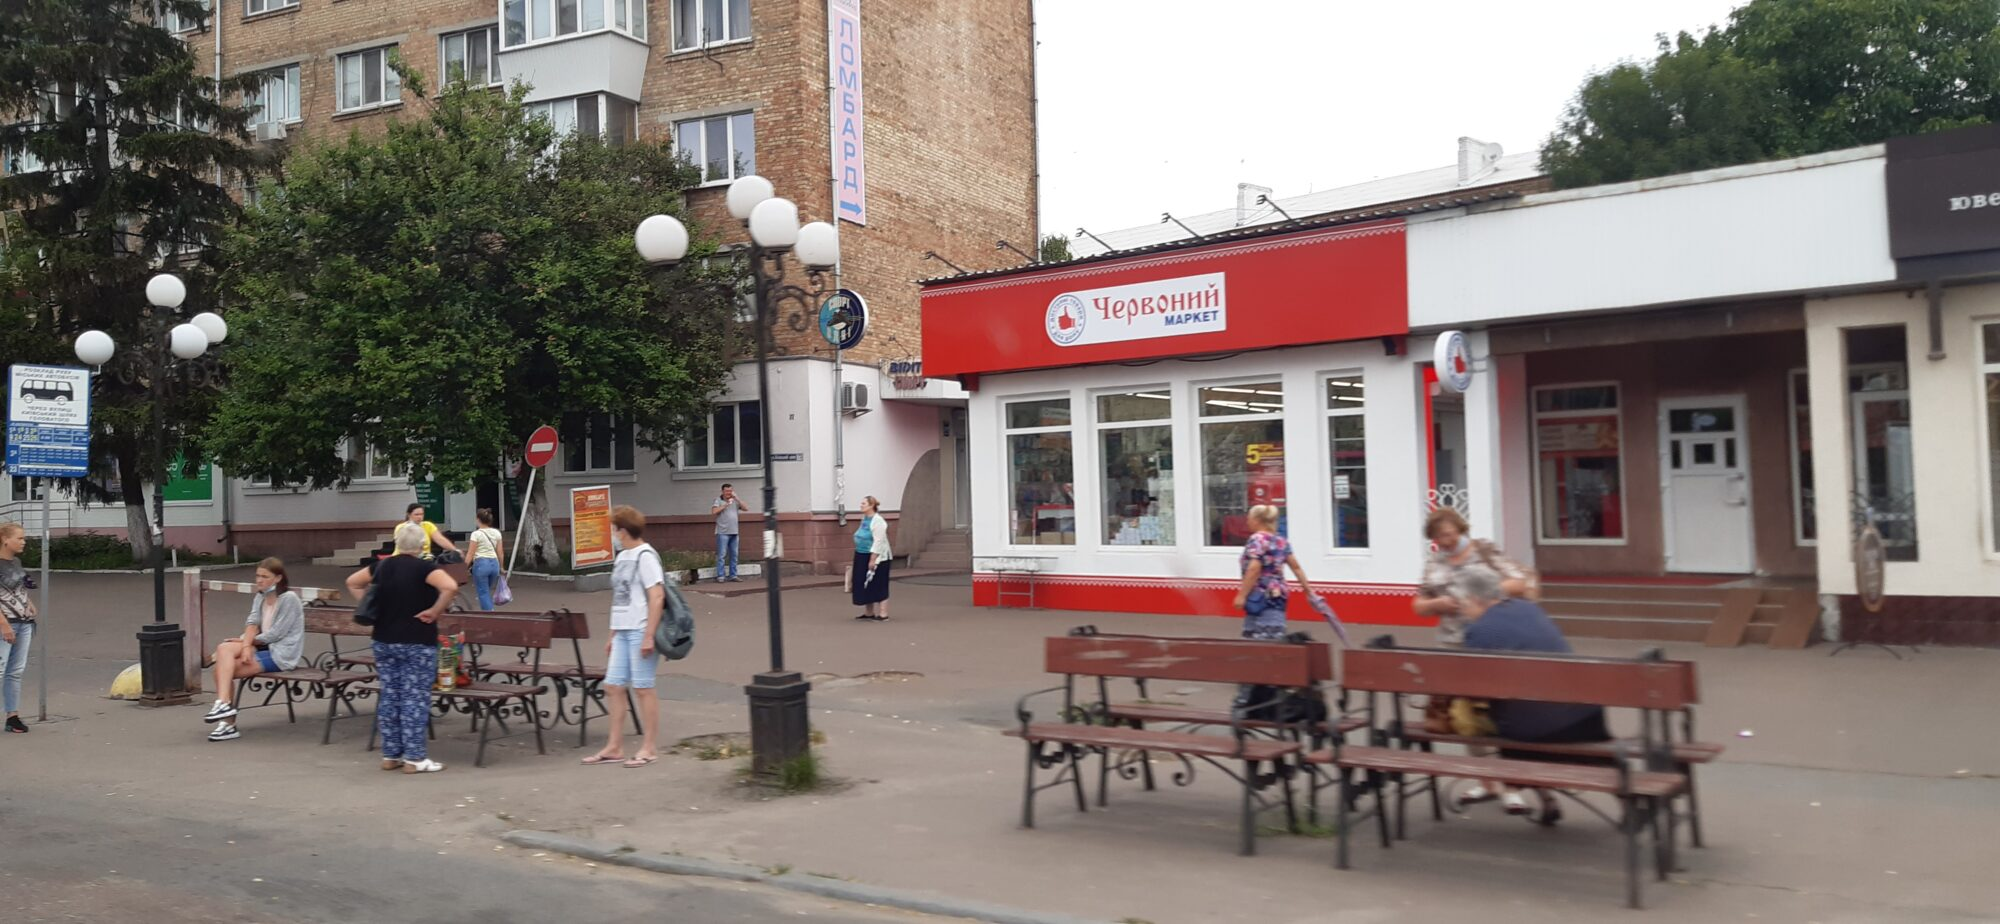 У Борисполі середня зарплата вища, ніж по всій Київщині - статистика, Населення, зарплата, Бориспіль - 20200707 112811 2000x924